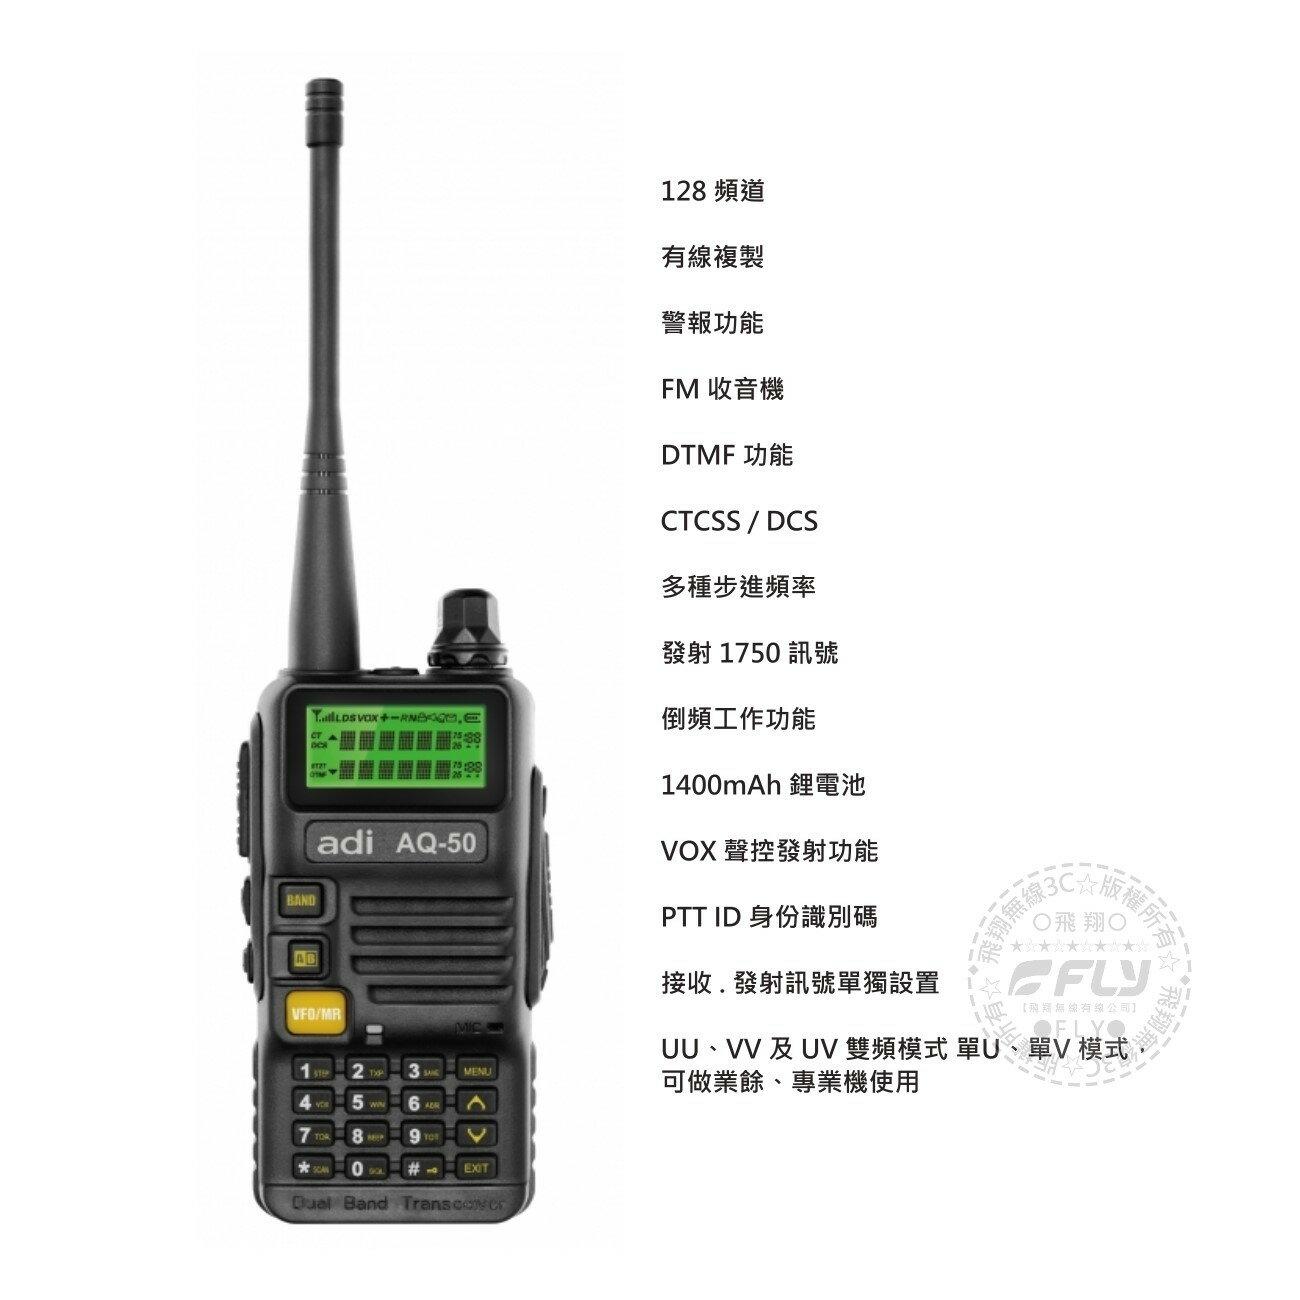 《飛翔無線3C》ADI AQ-50 無線電 雙頻手持式對講機│公司貨│大功率 雙顯示 跟車通話 登山露營 工作聯繫